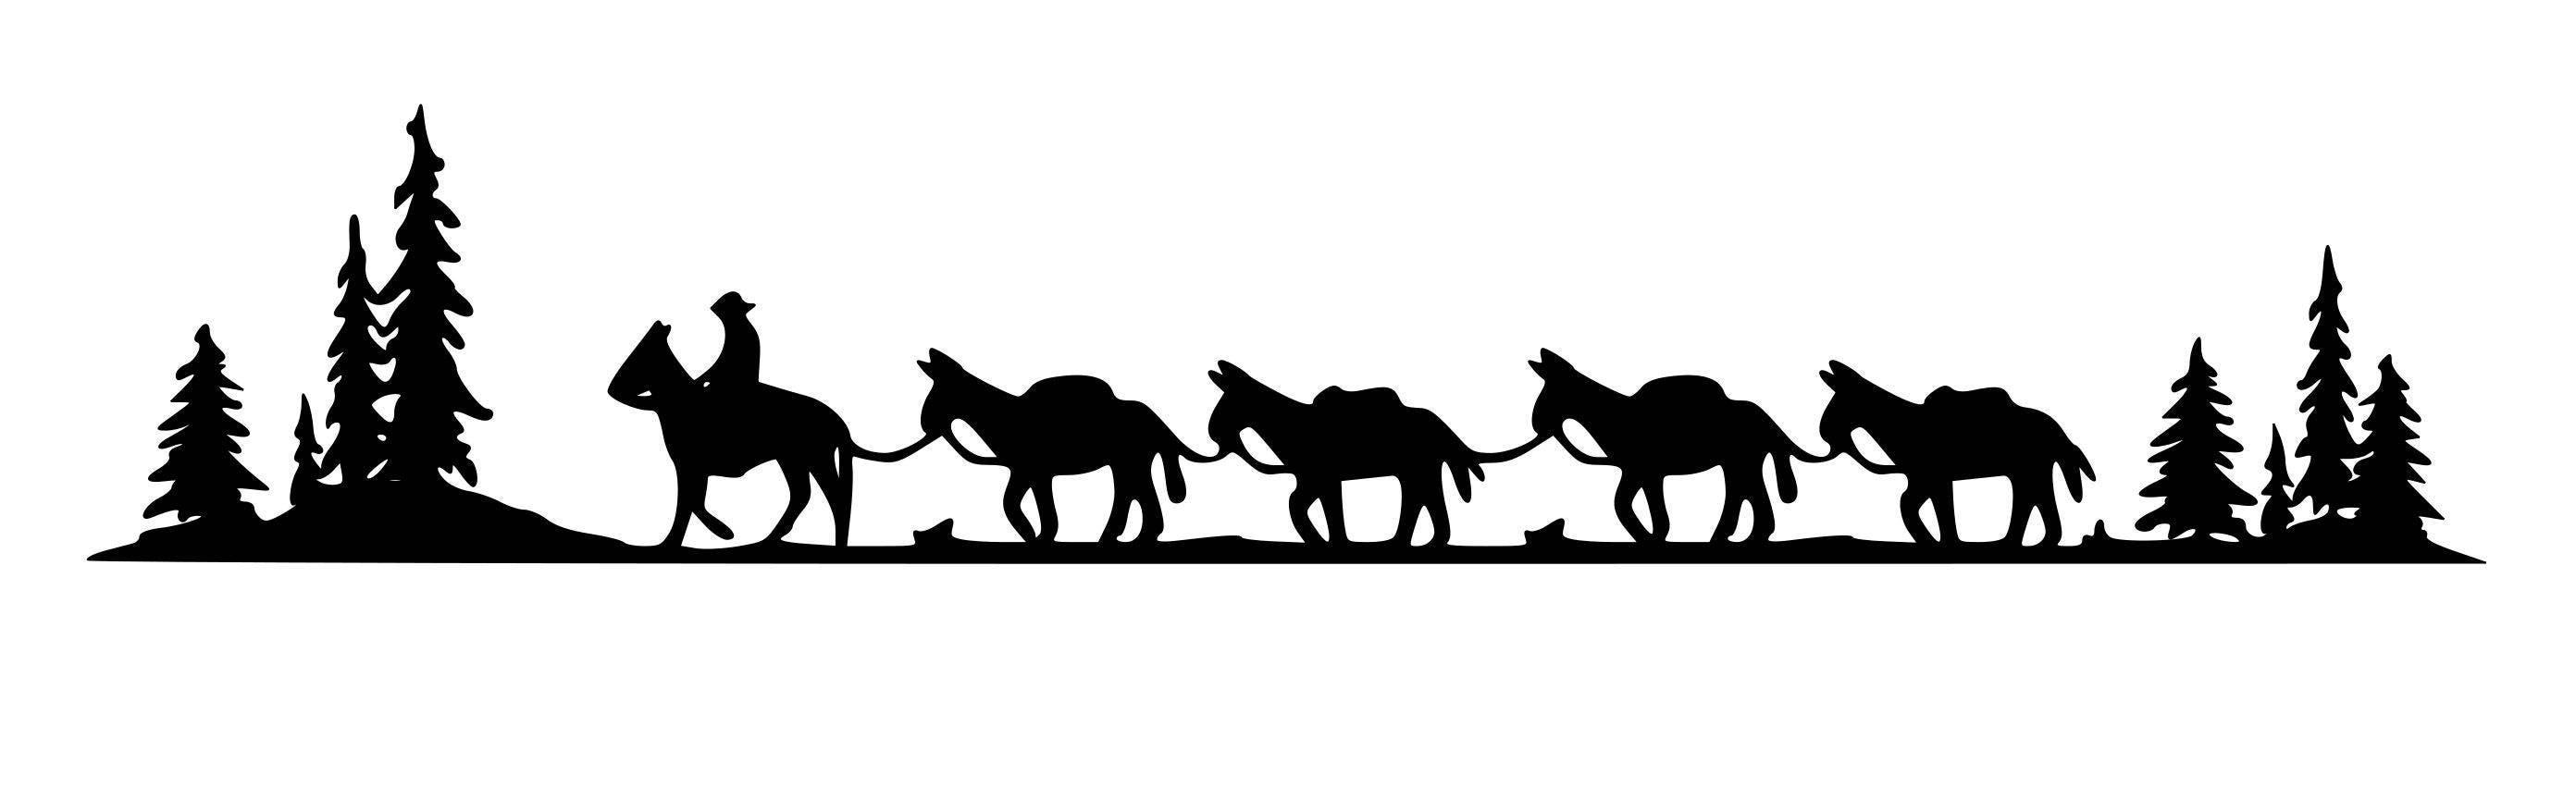 Horse Mule Pack Train Trailer Decal Pack Train Horse